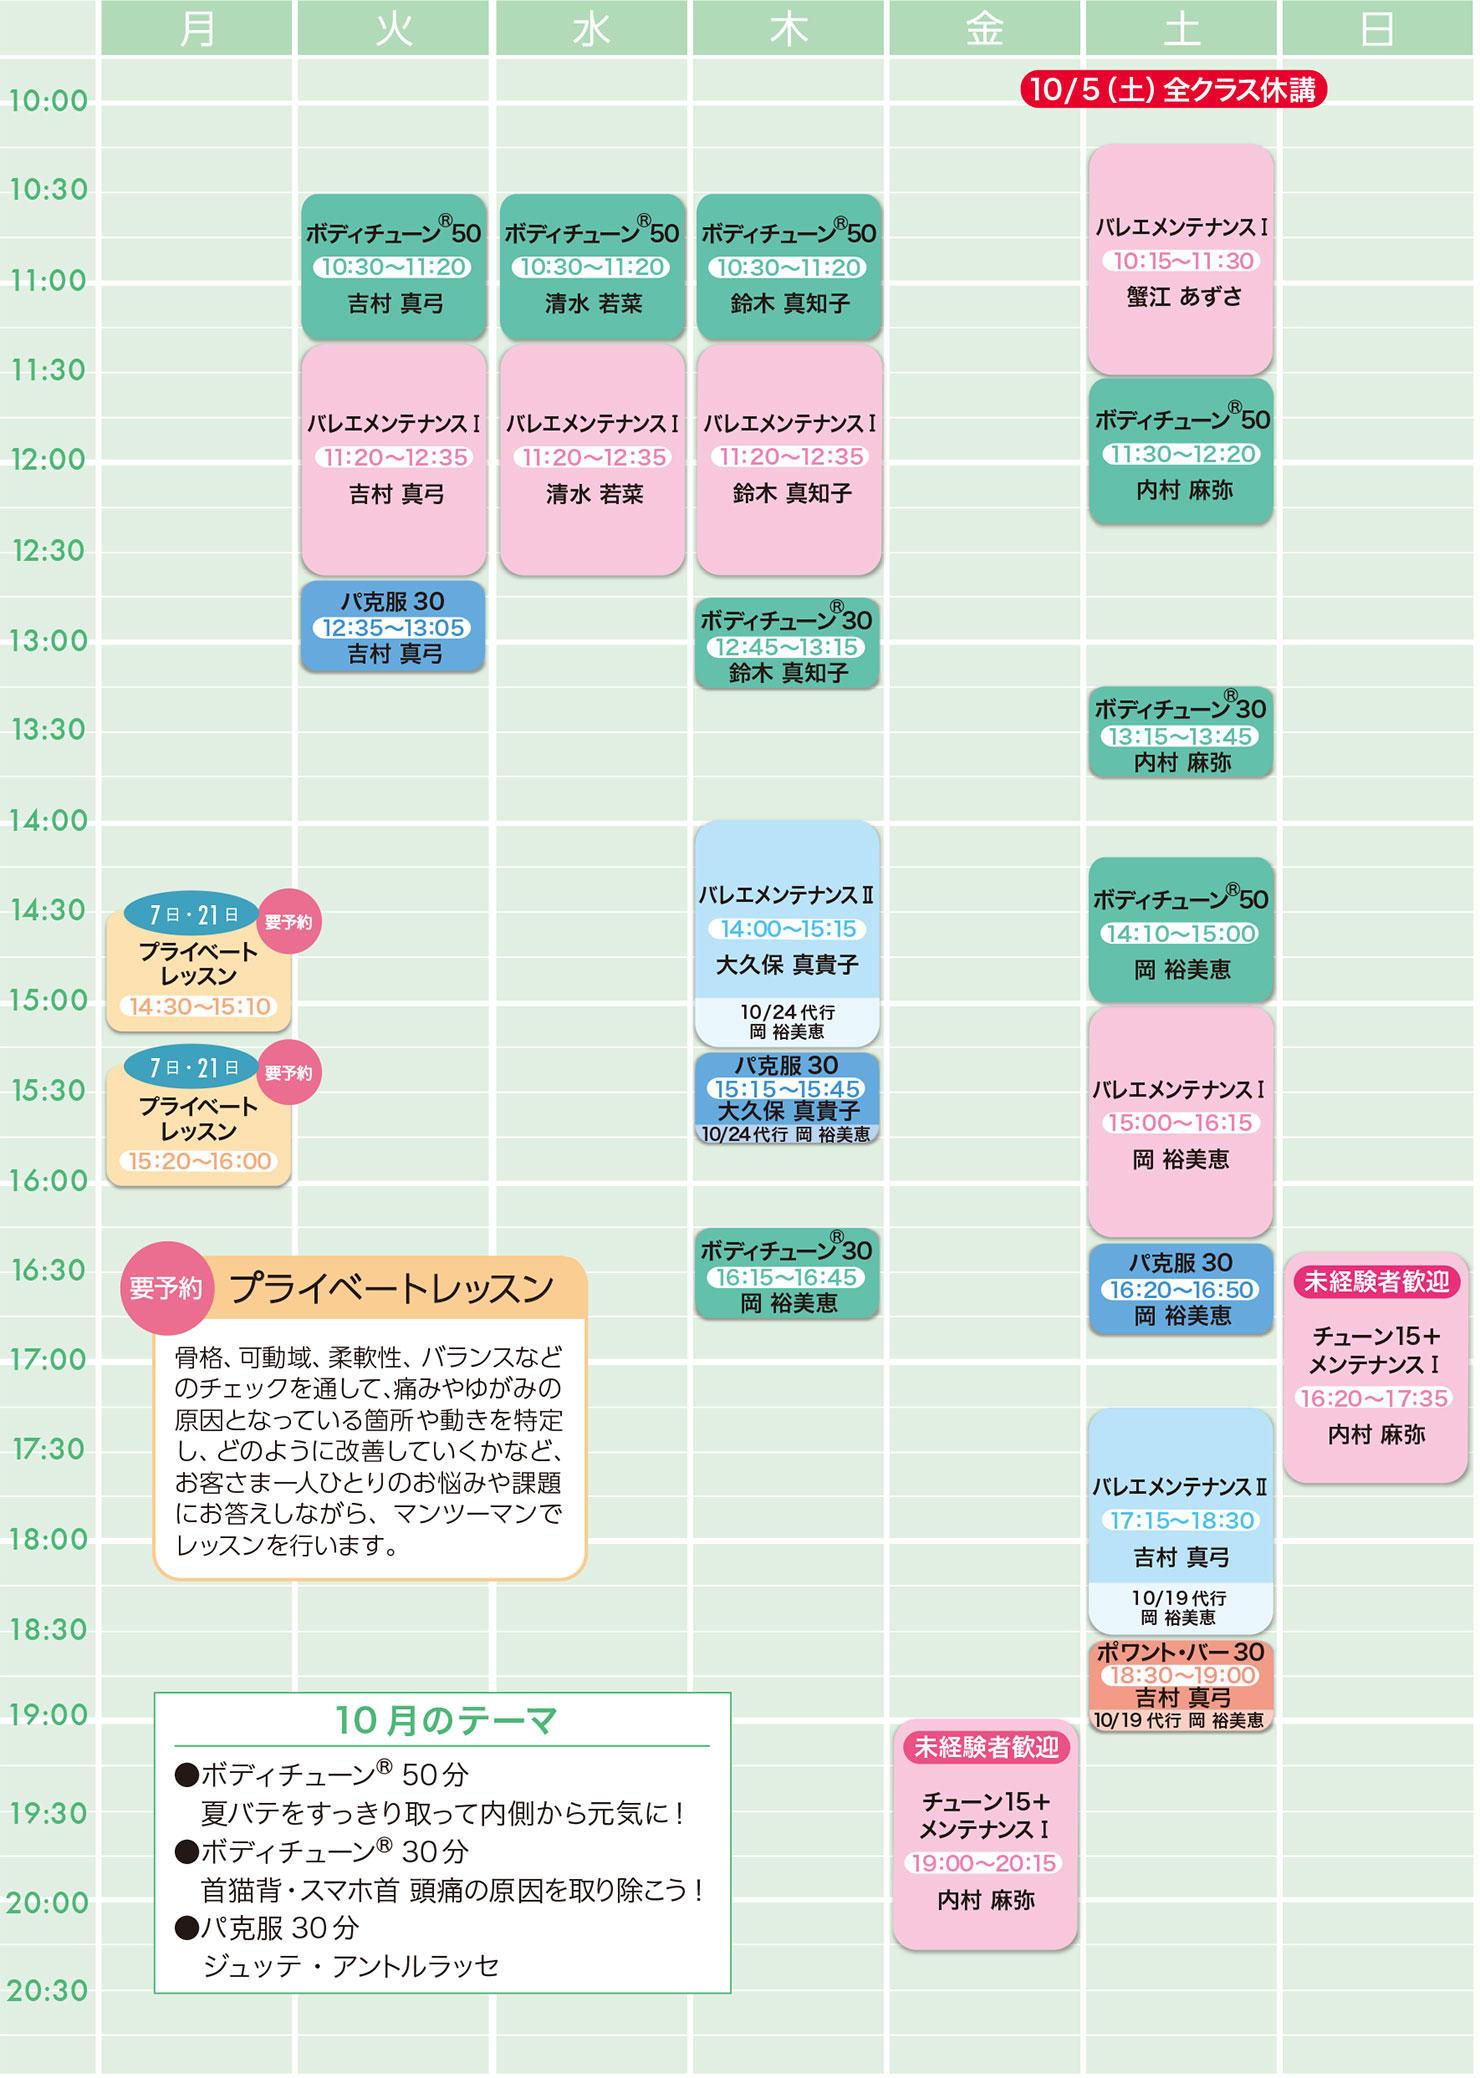 balletforce_timetable_201910.jpg